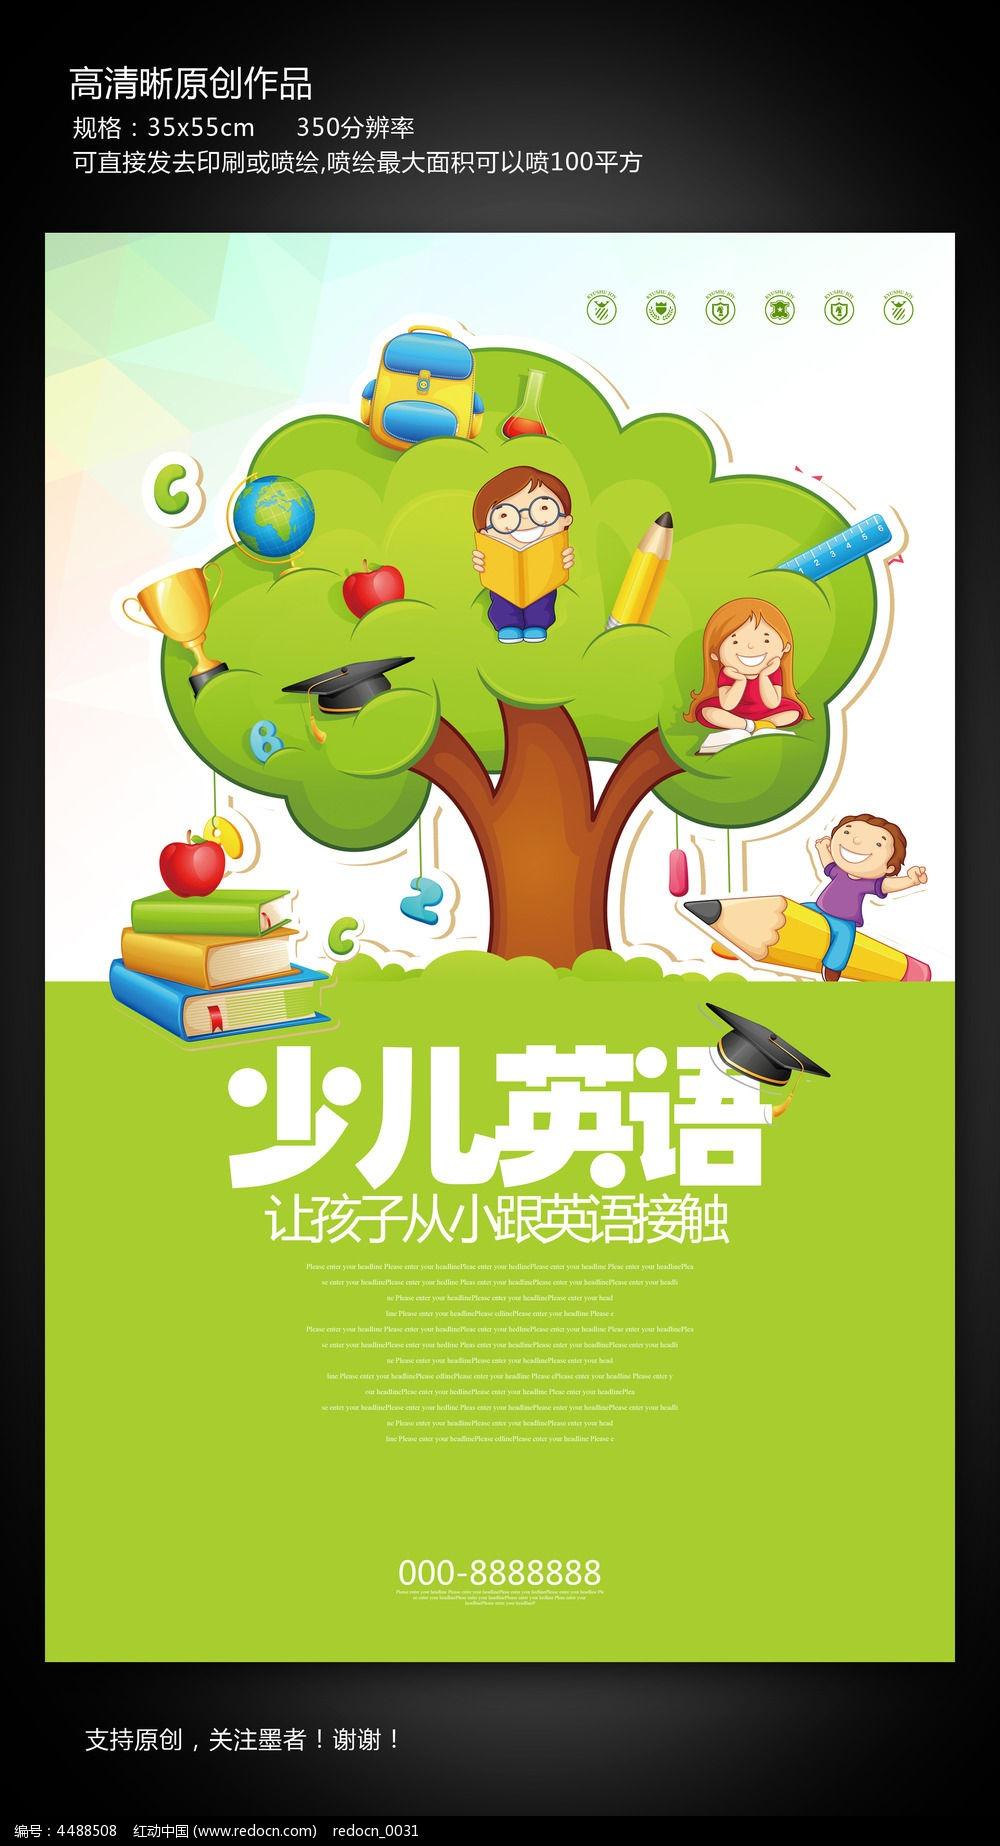 少儿英语培训班招生海报设计图片